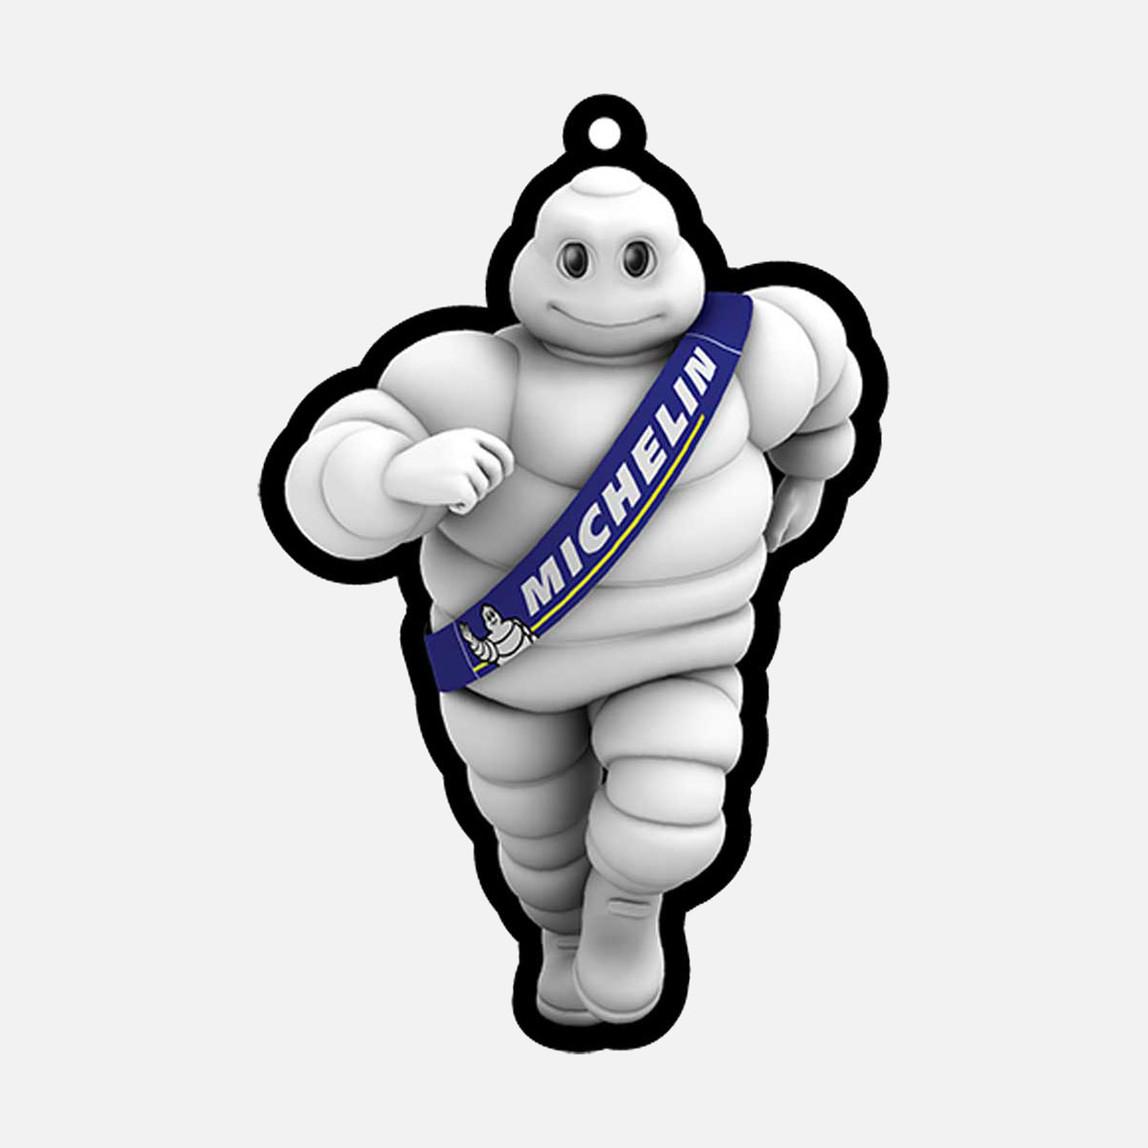 Michelin MC31906 Wave Kokulu Askılı Oto Kokusu